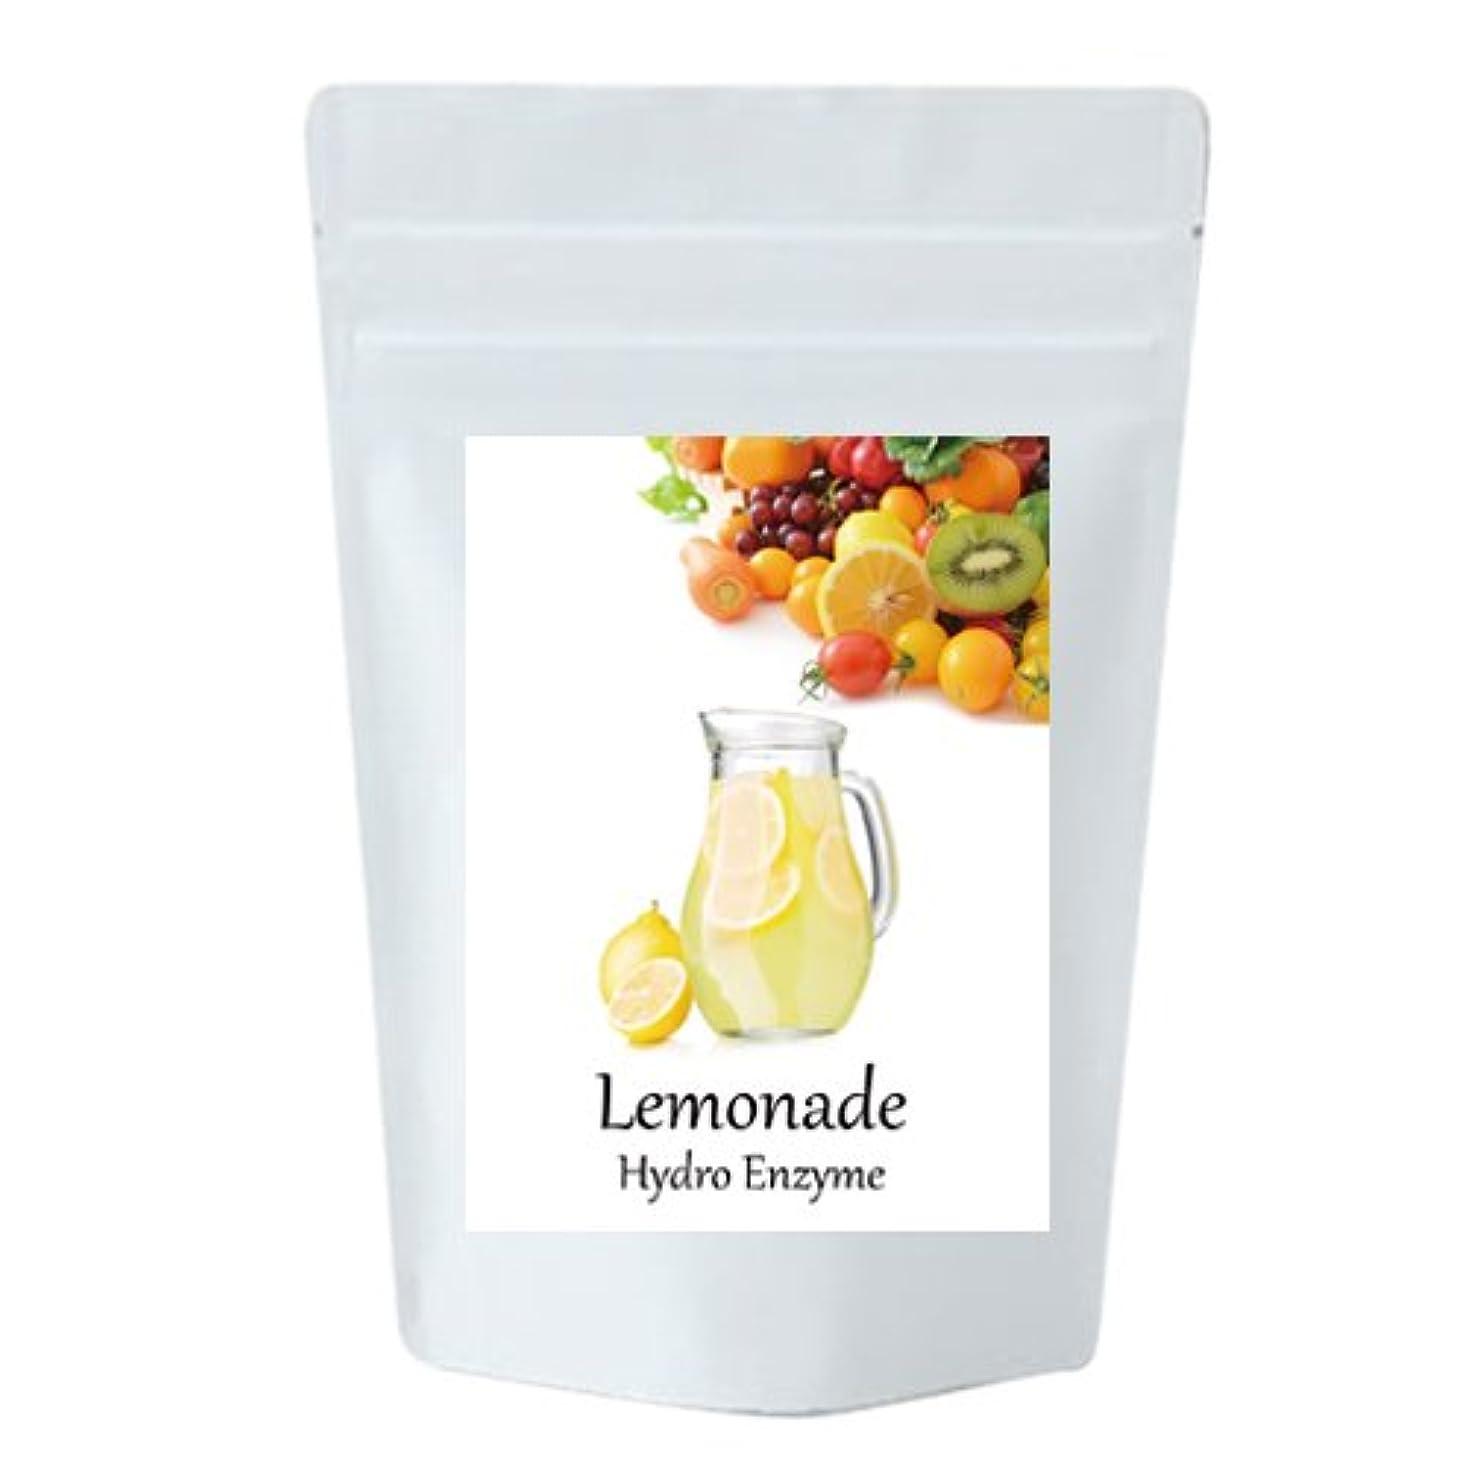 つぶやき大事にする首尾一貫したLemonade Hydro Enzyme(レモネード 水素エンザイム) 水素 酵素 乳酸菌 ダイエット ドリンク 健康 飲料